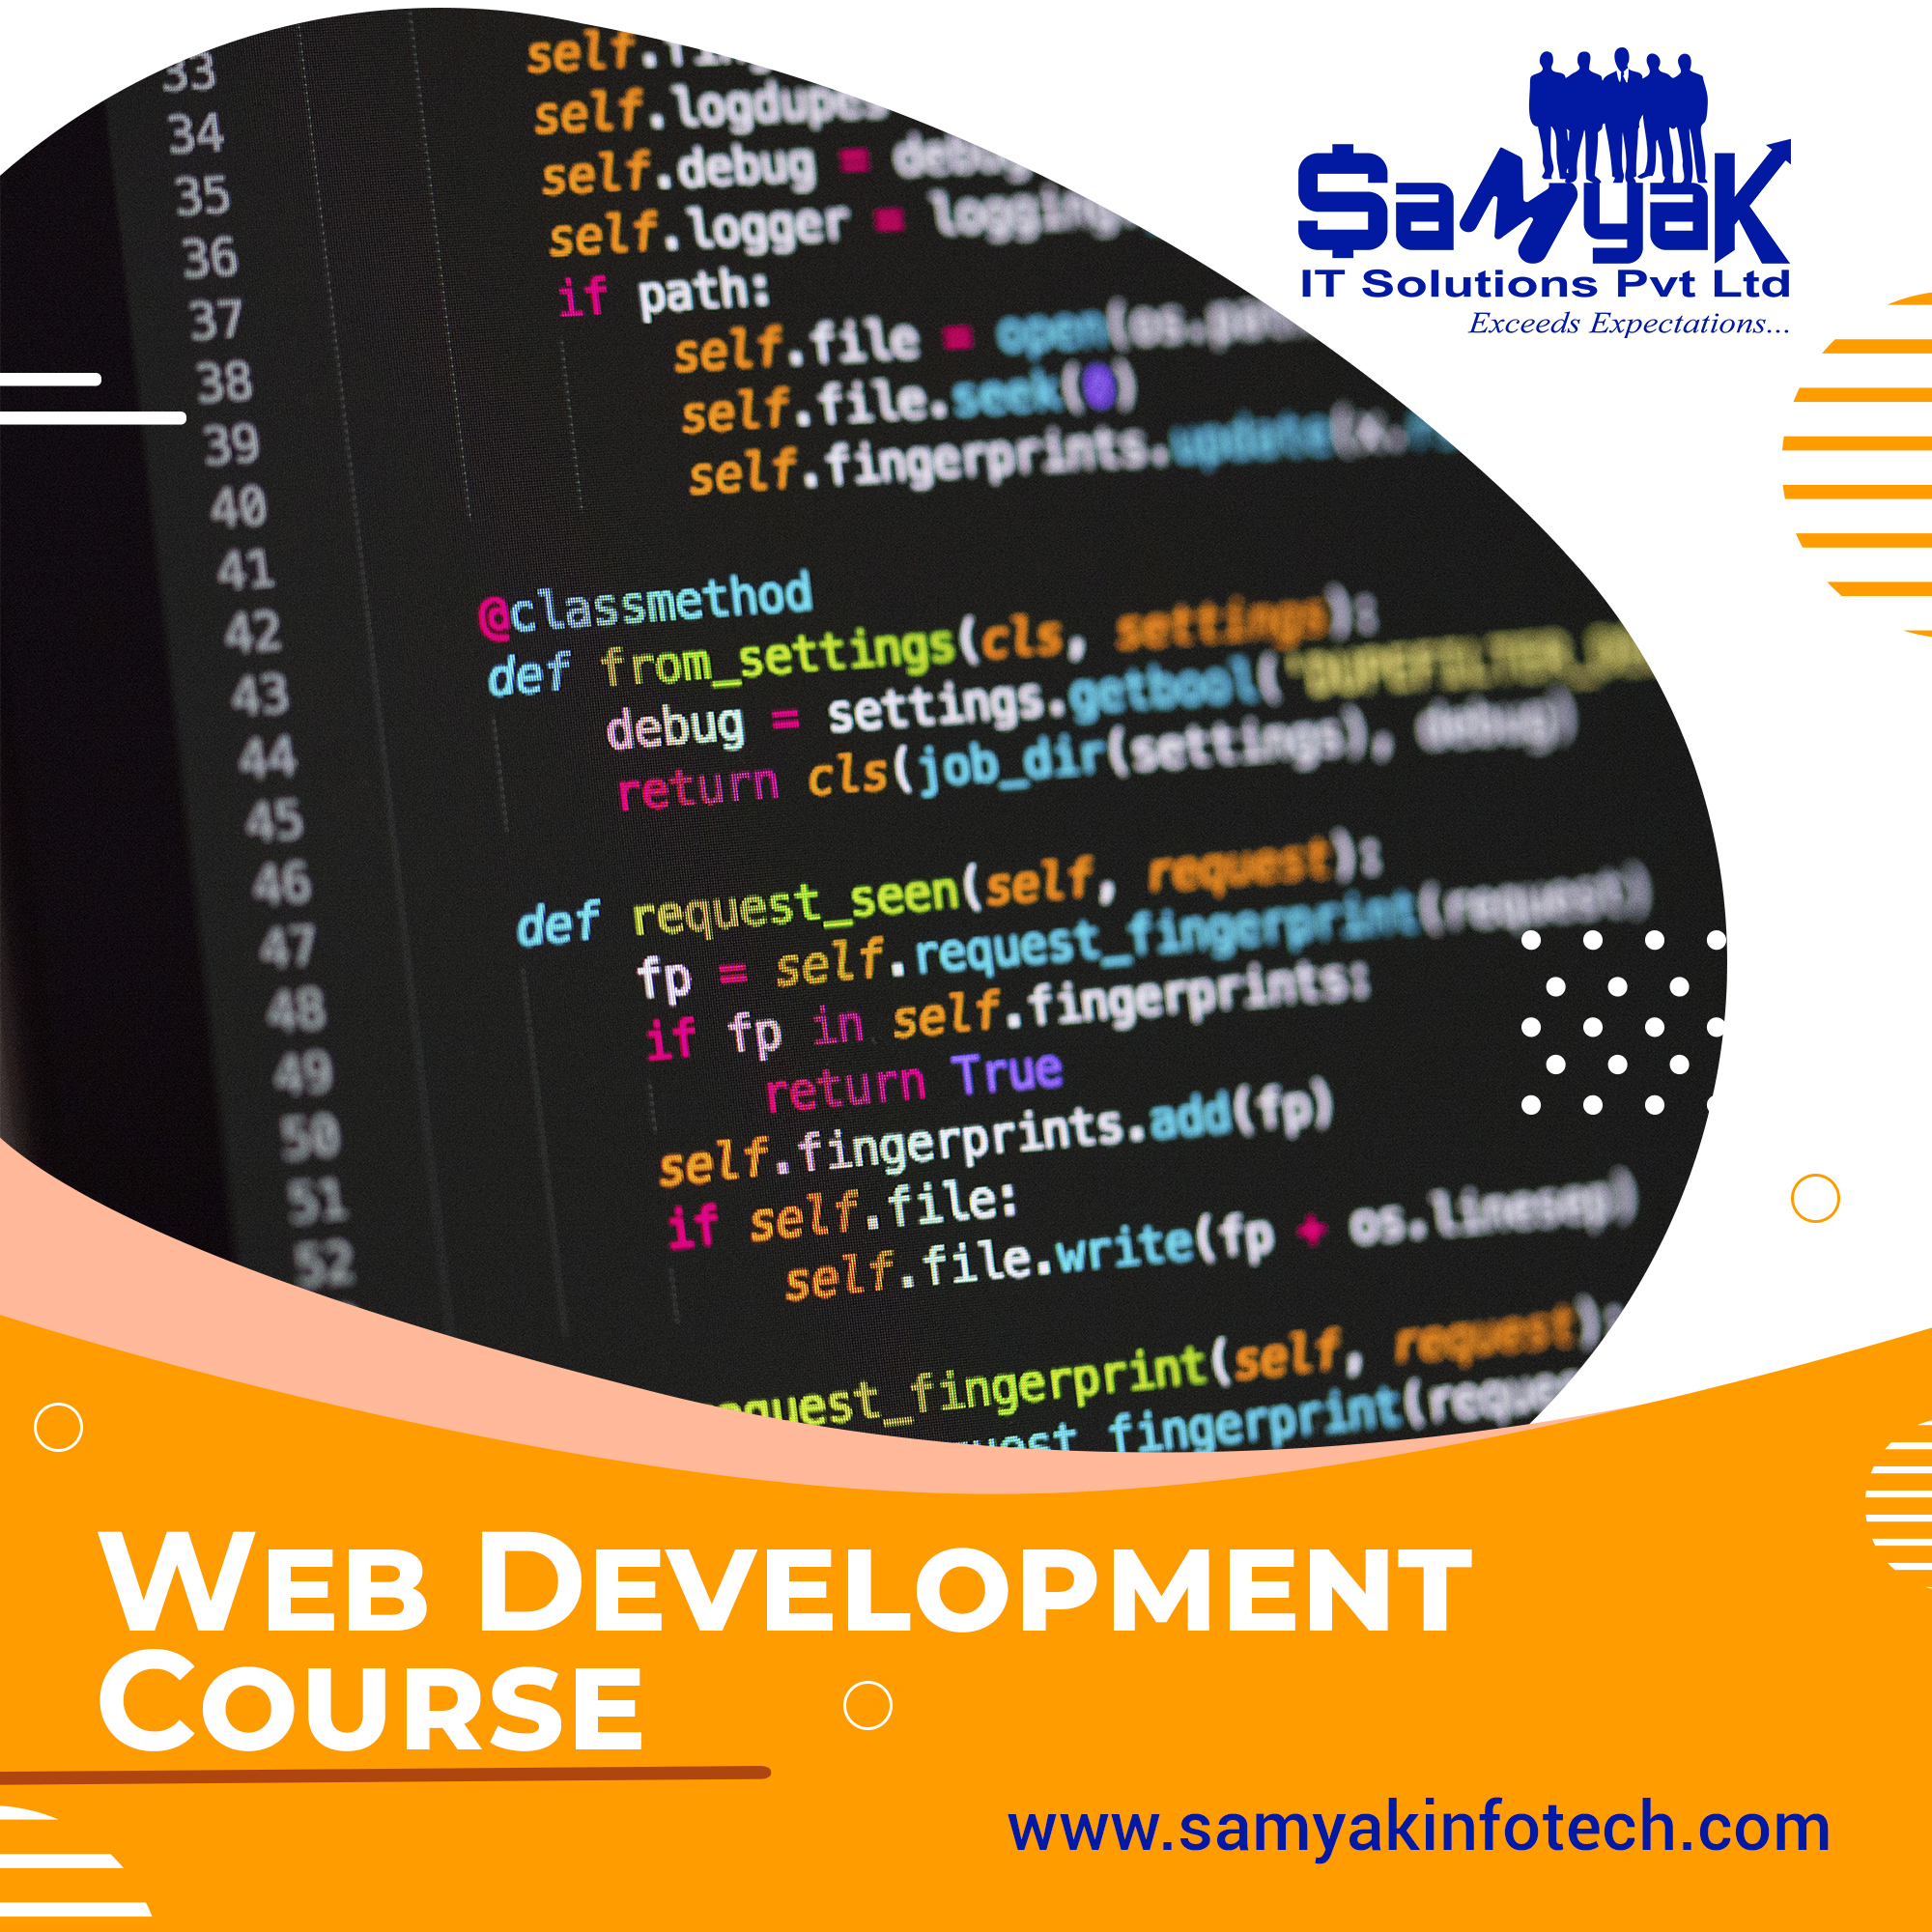 Web Development In 2020 Computer Class Training And Development Class